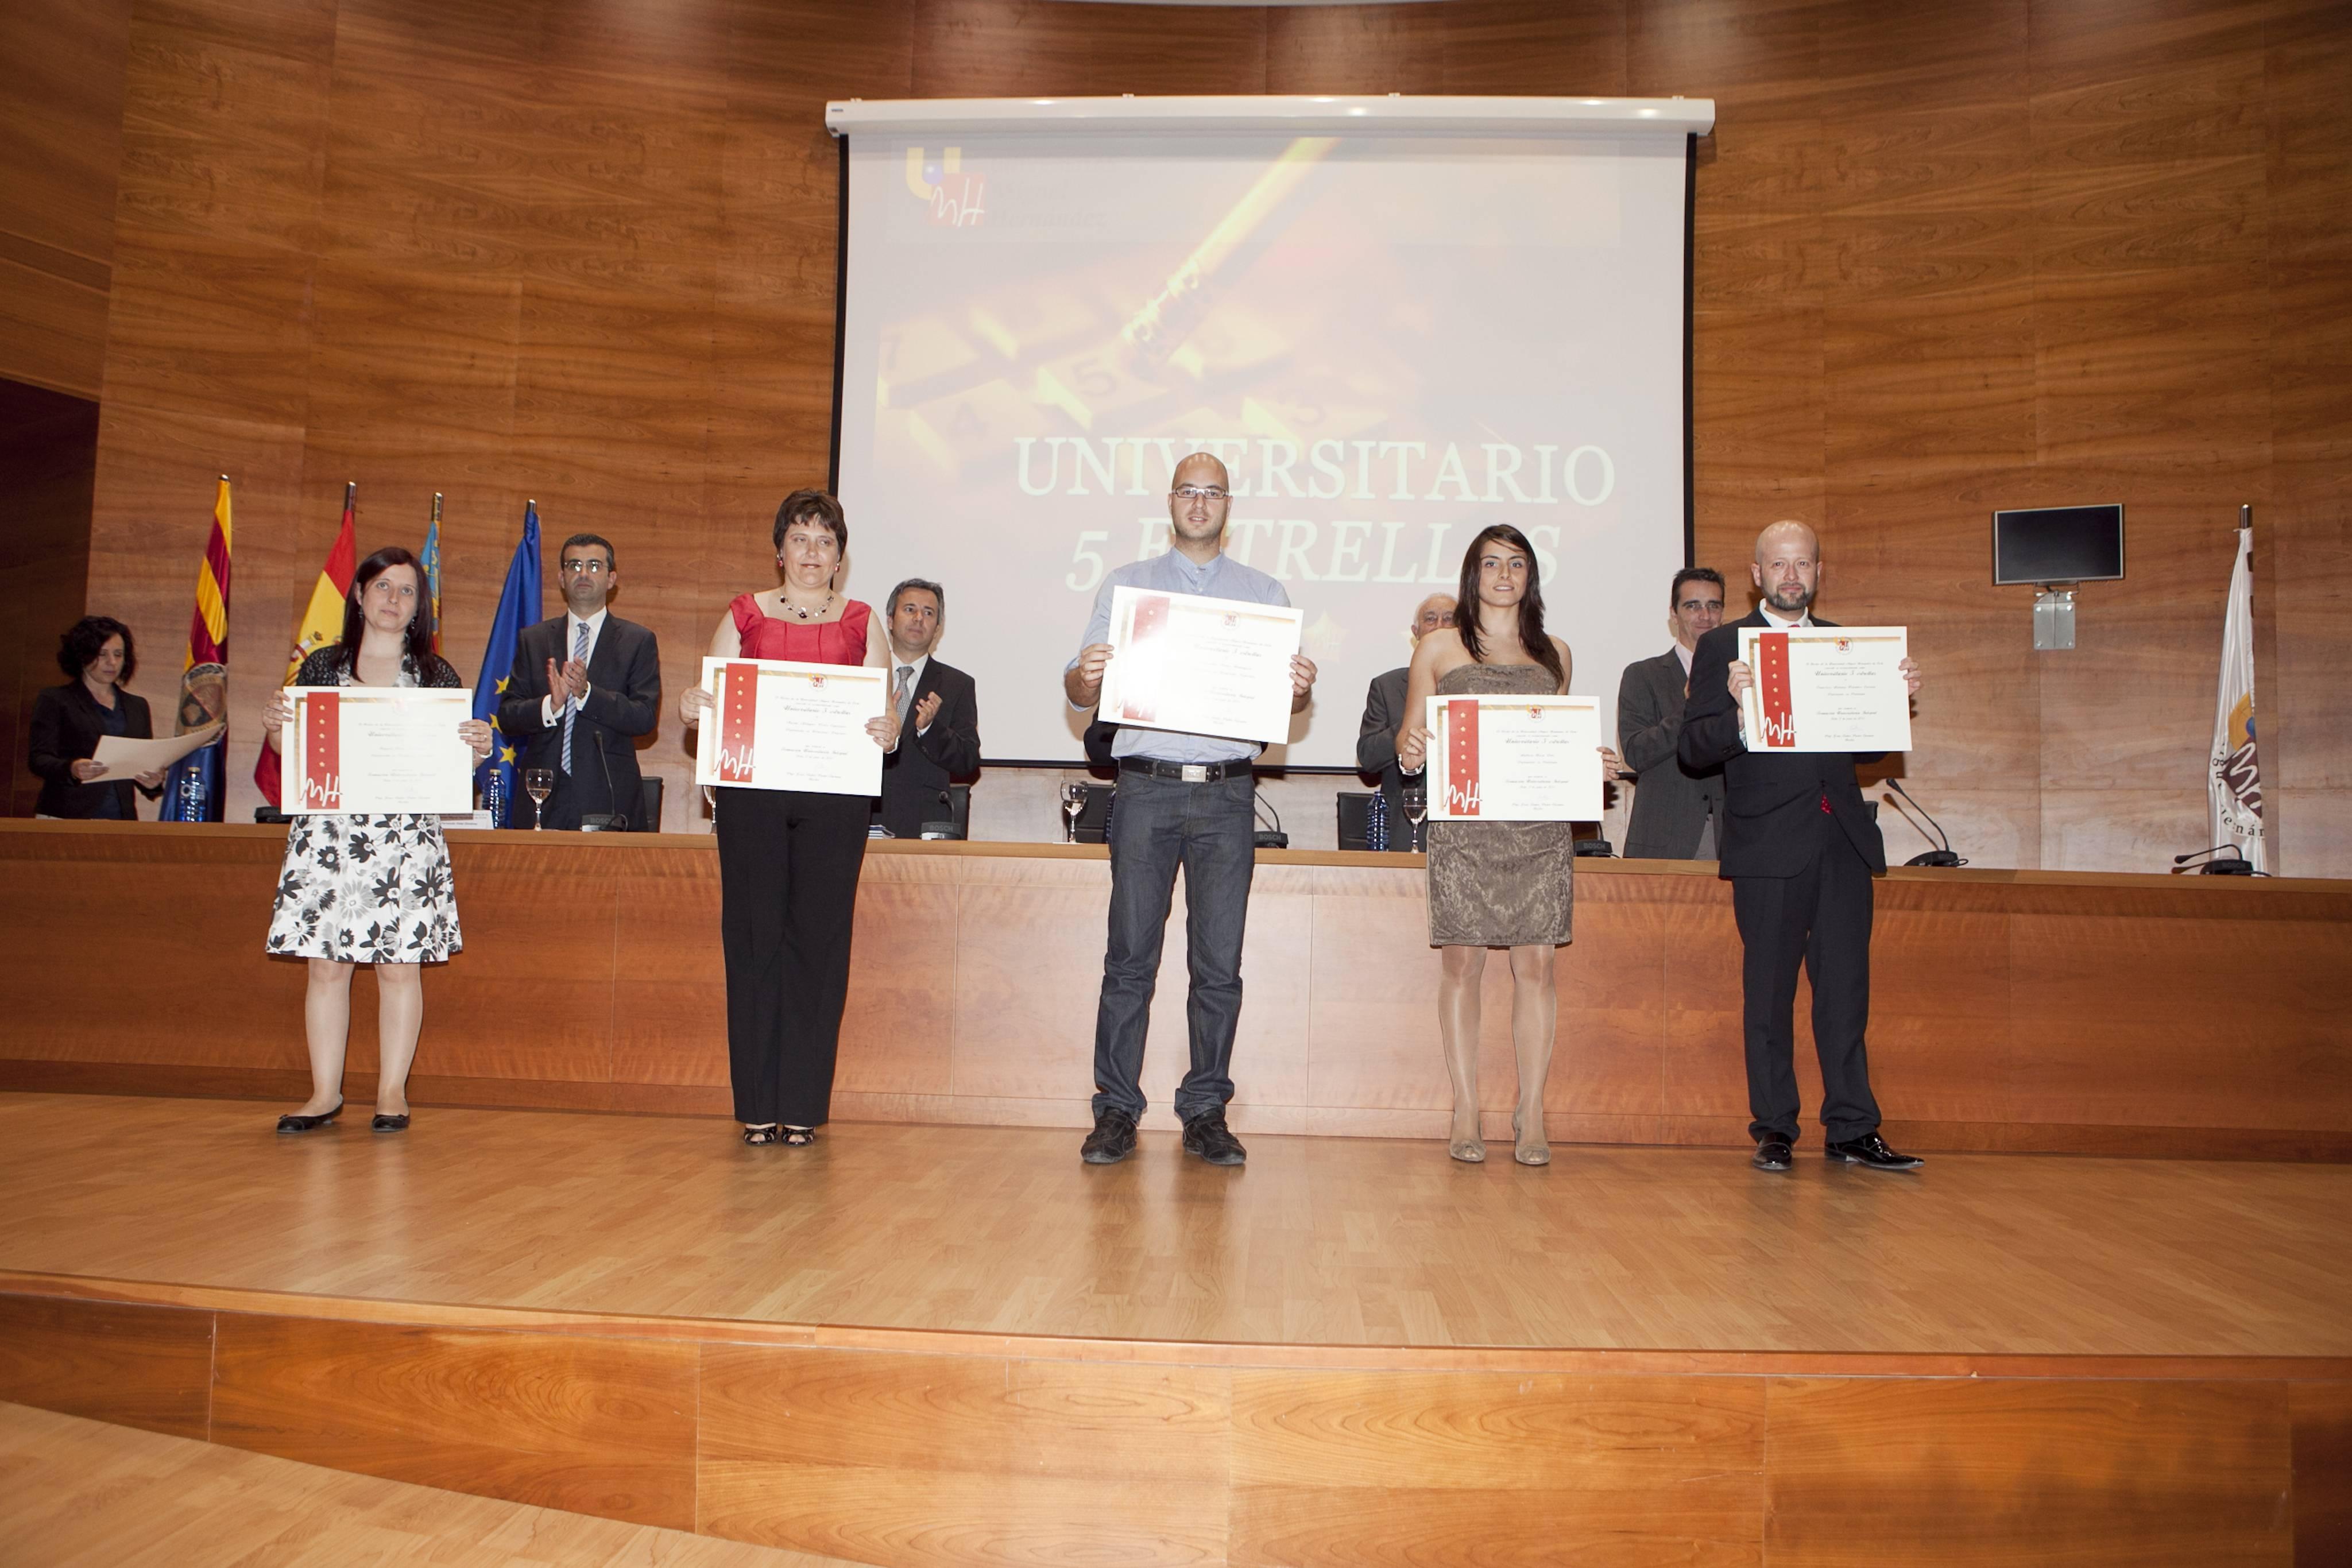 premios-5-estrellas_mg_0525.jpg